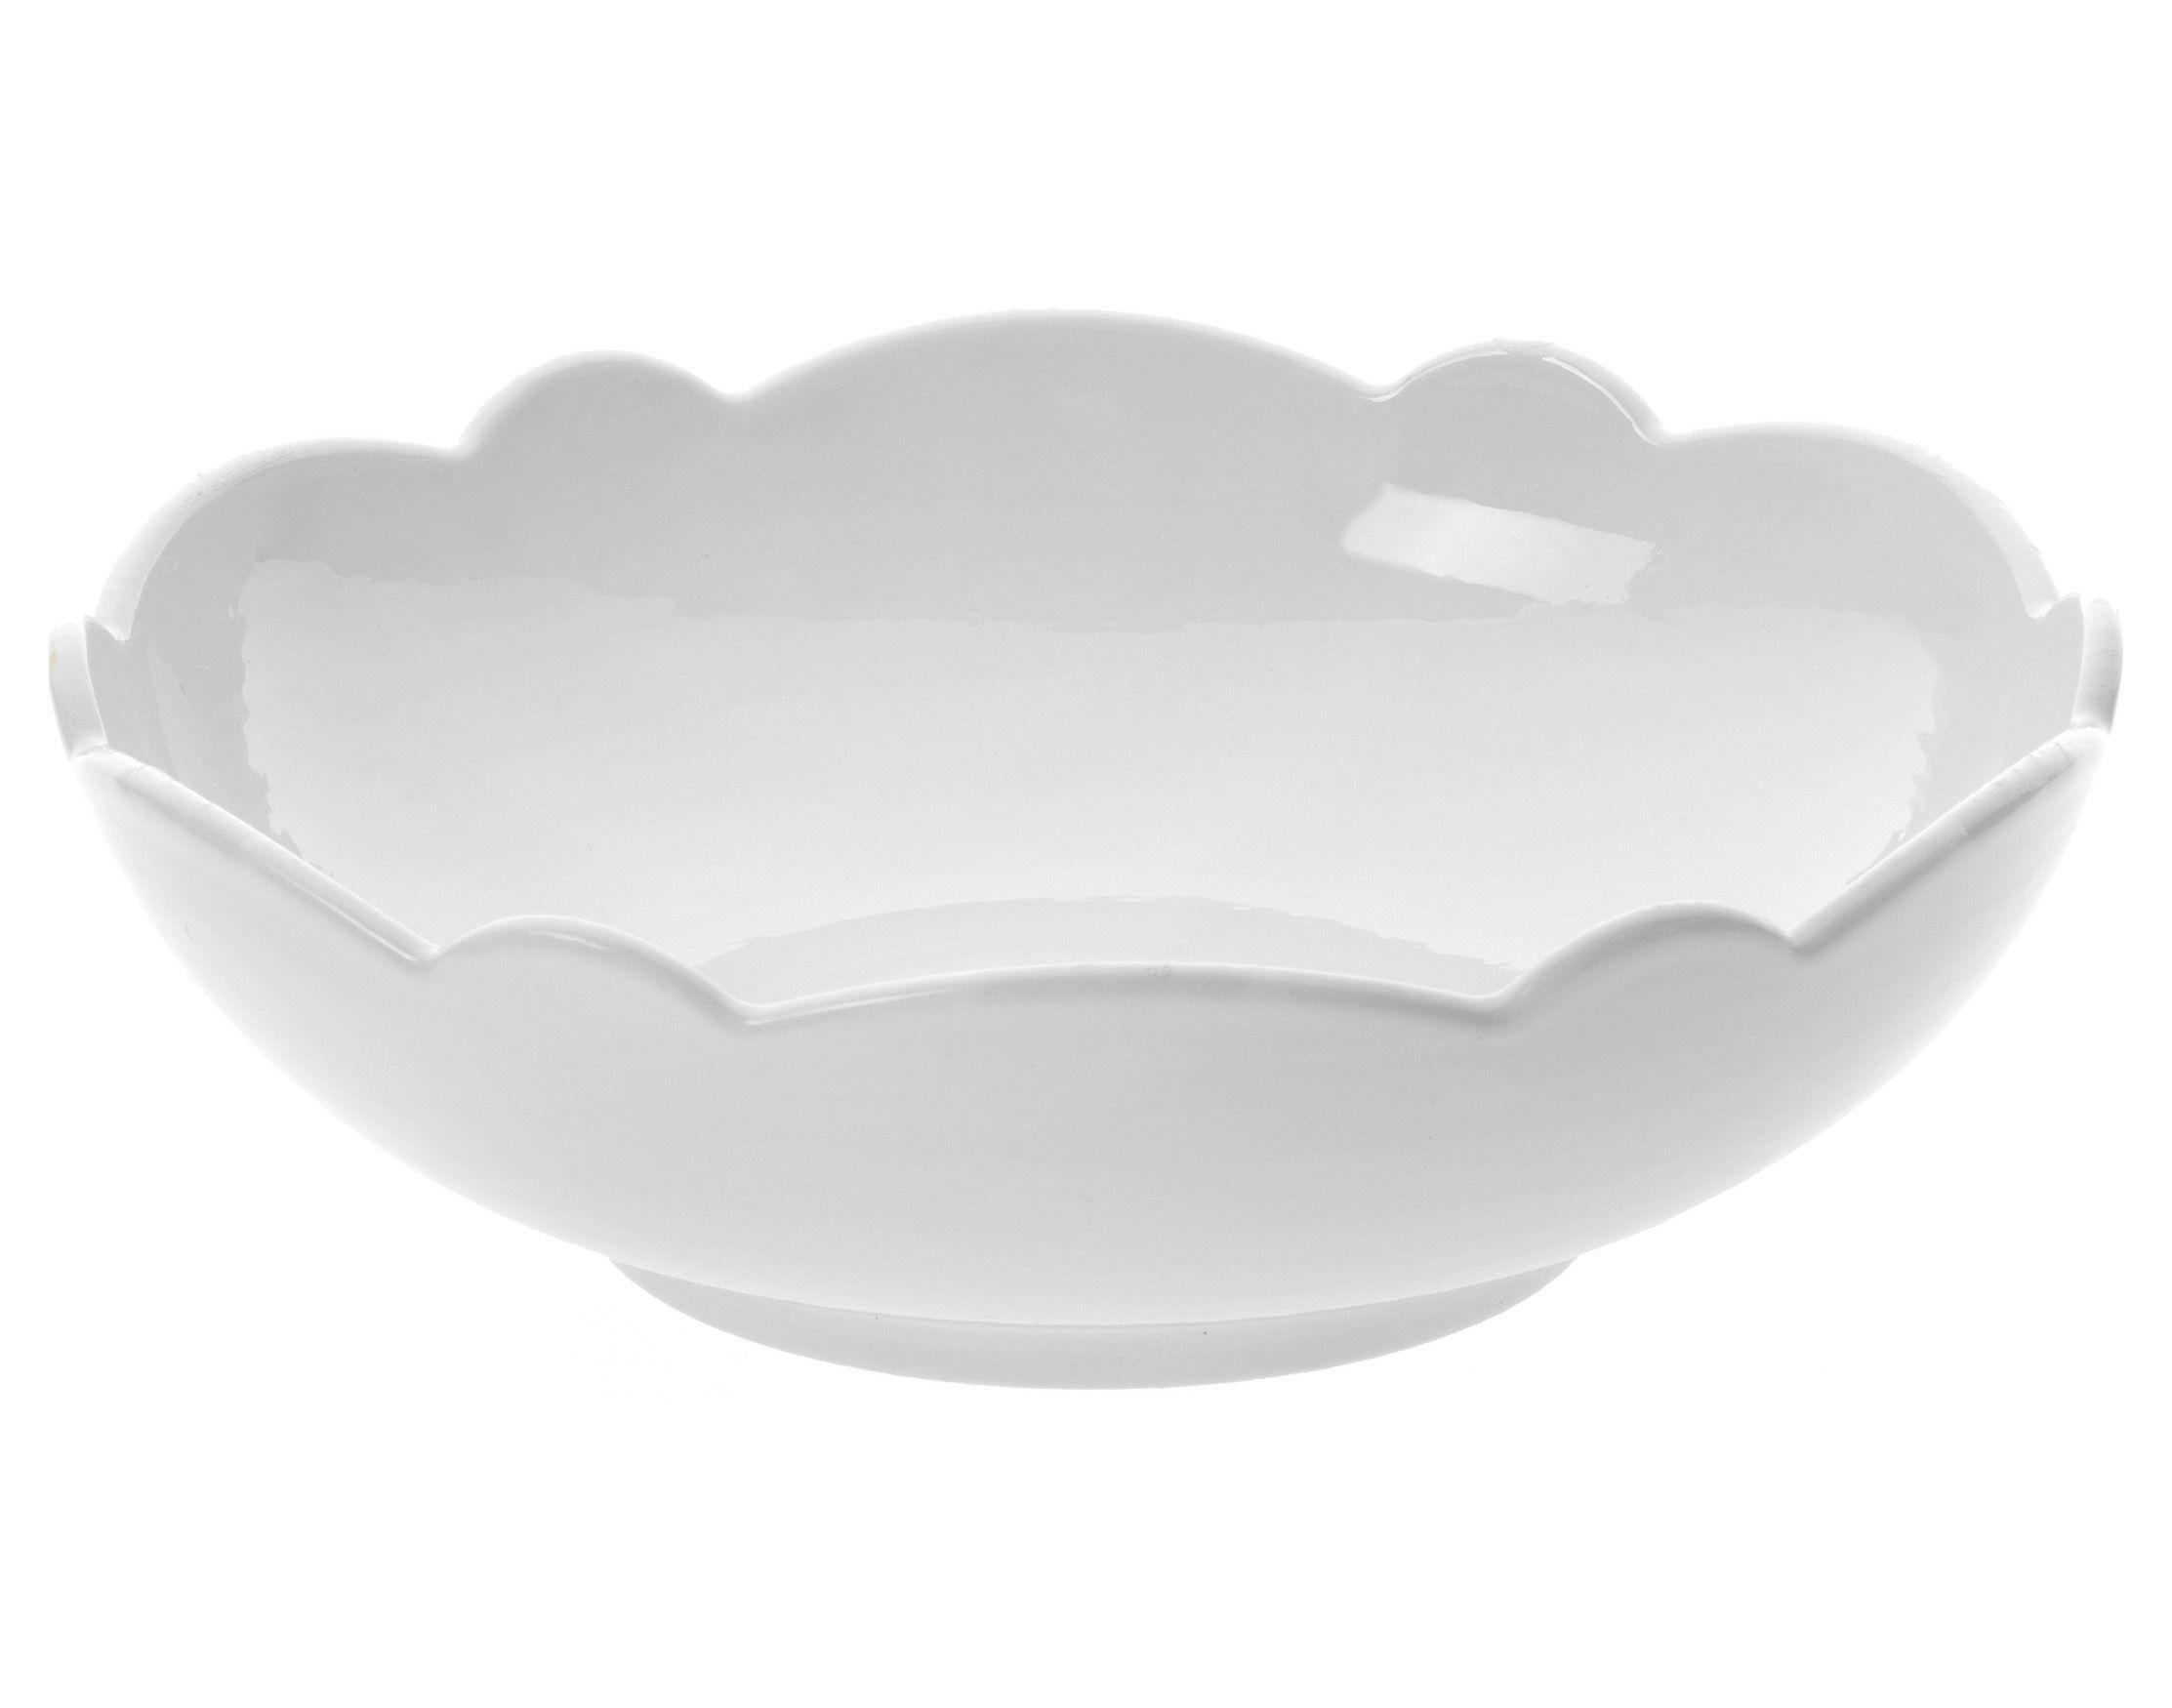 Tavola - Ciotole - Coppetta Dressed - Ø 13 cm di Alessi - Ciotola Ø 13 cm - Bianco - Porcellana